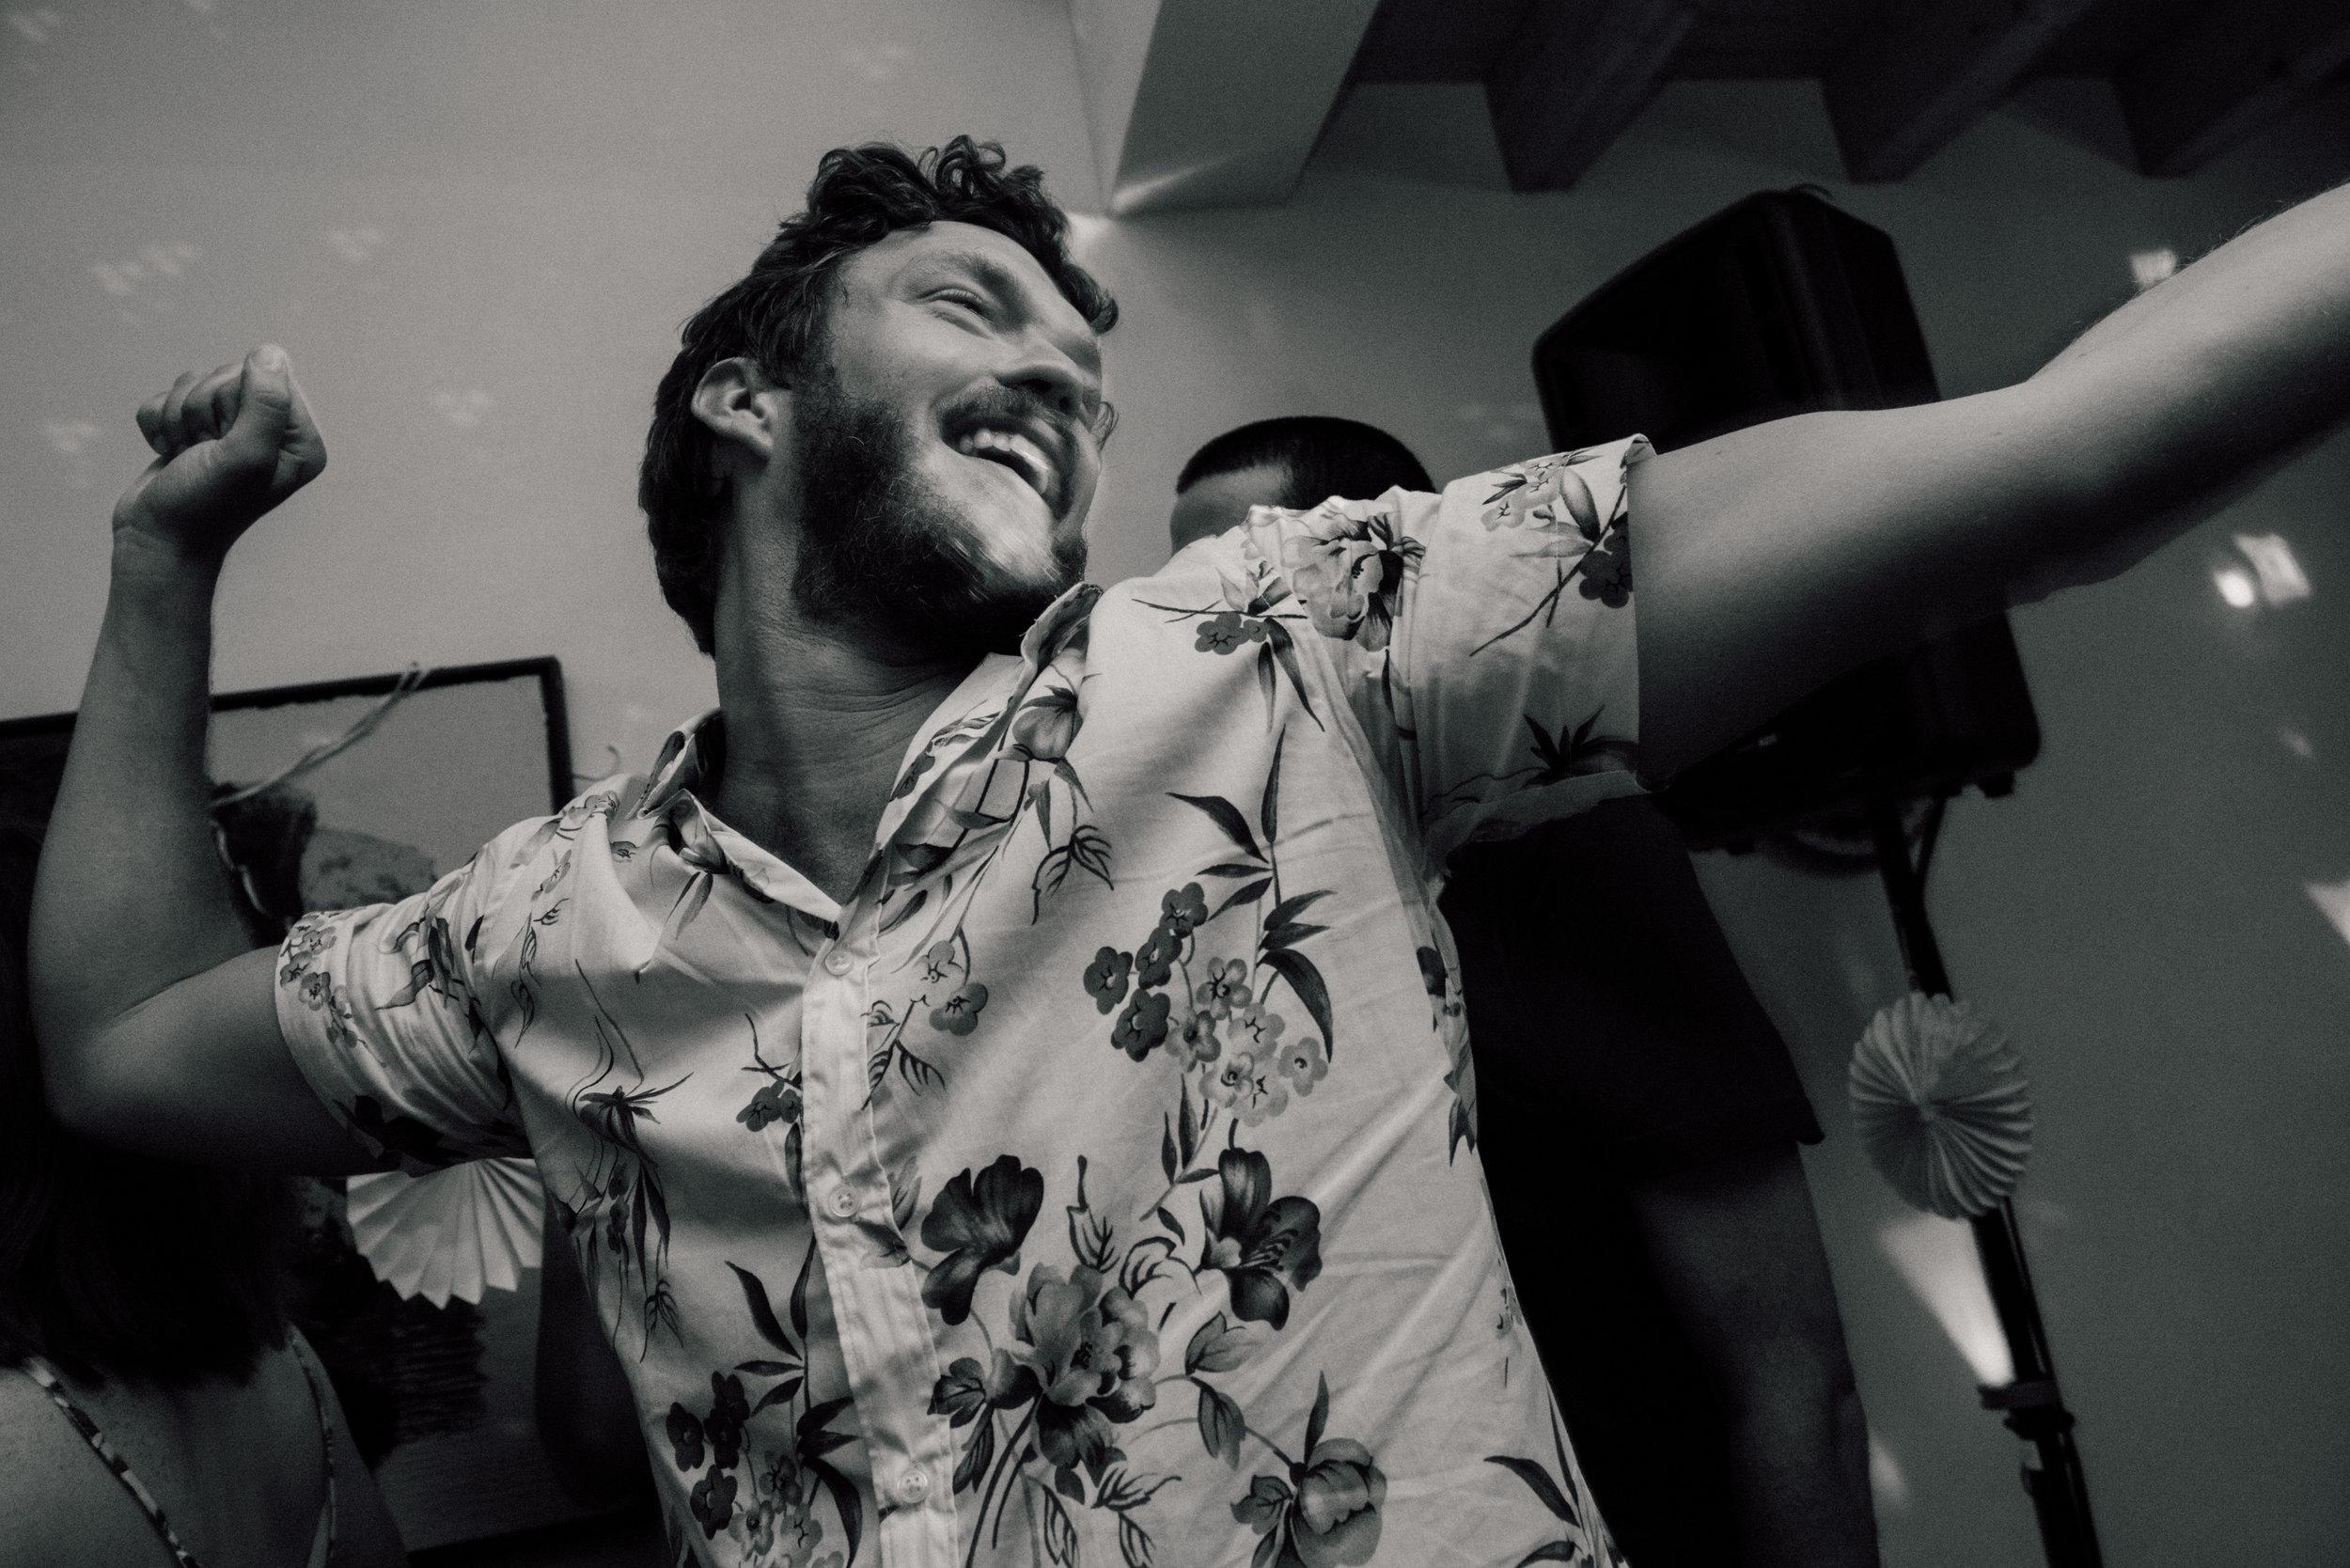 Groom Partying in Hawaiian Shirt